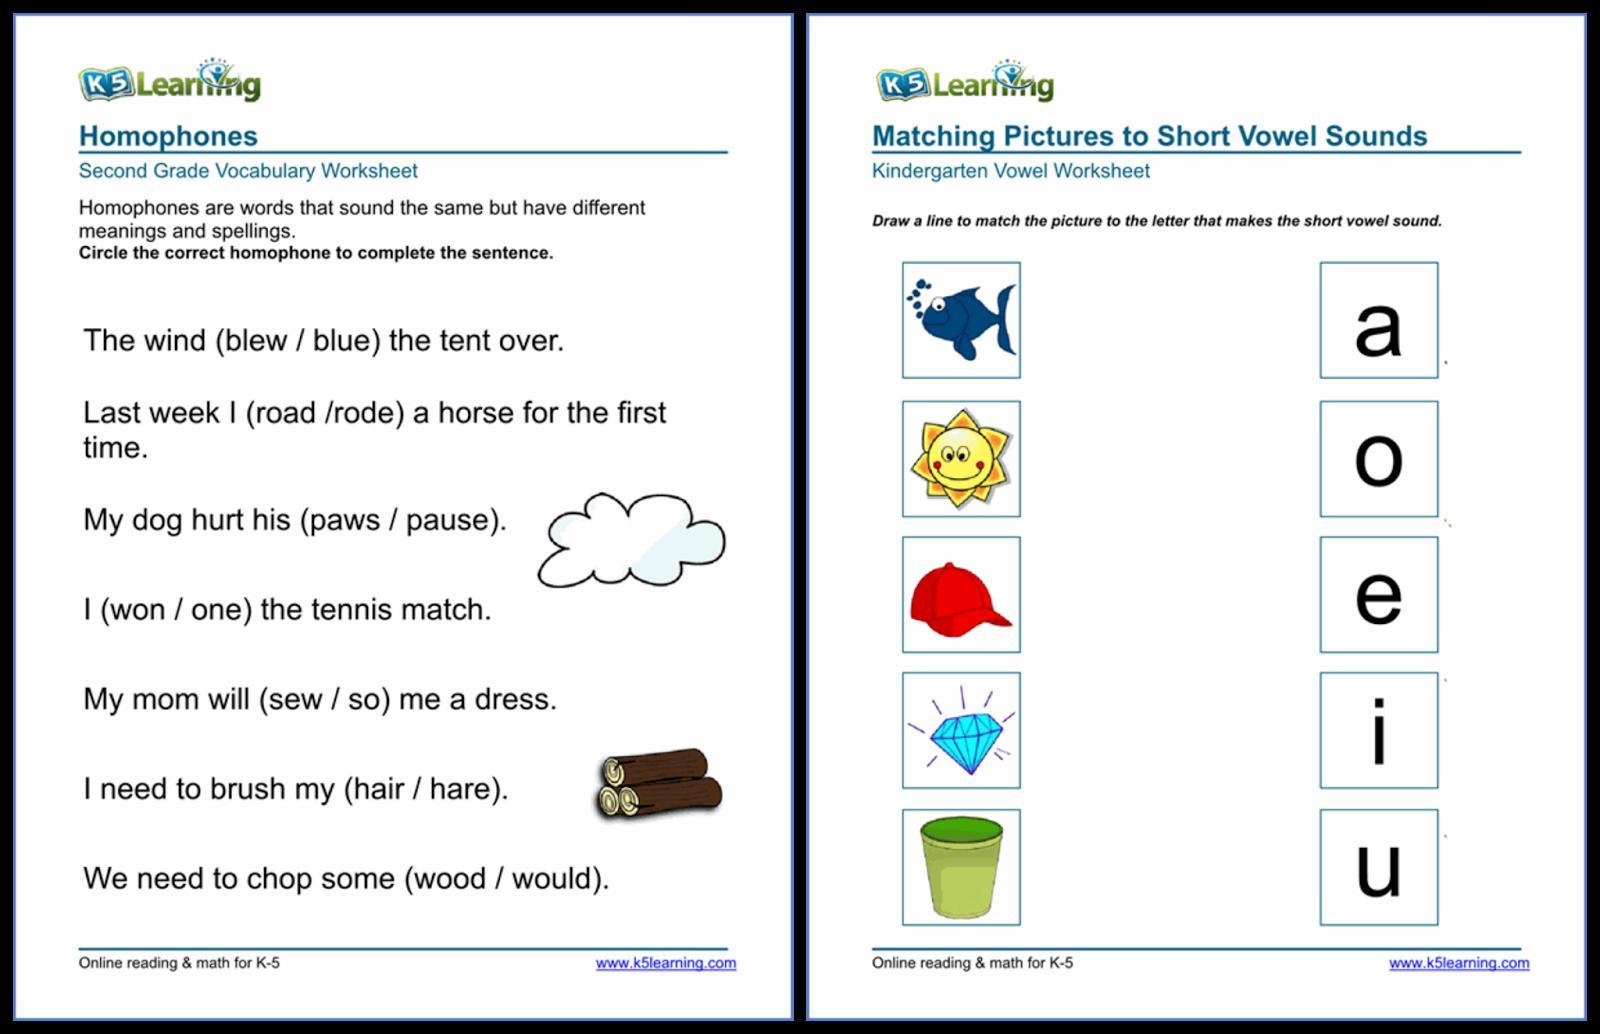 Algebra Worksheets K5 Learning 2